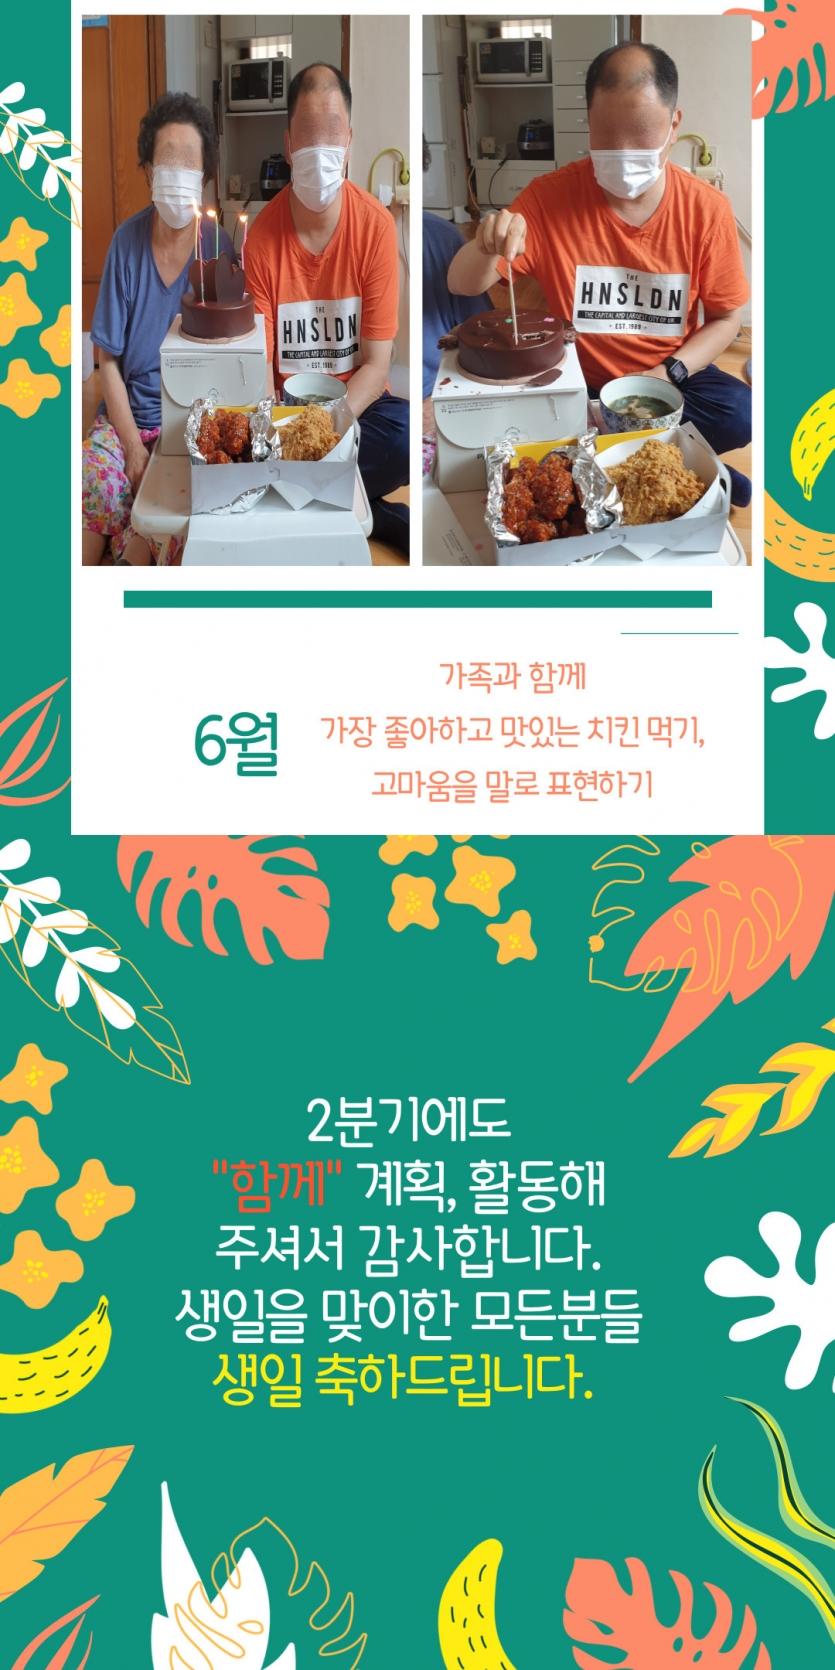 6월- 가족과 함께 가장 좋아하고 맛있는 치킨 먹기, 고마움을 말로 표현하기/ 2분기에도